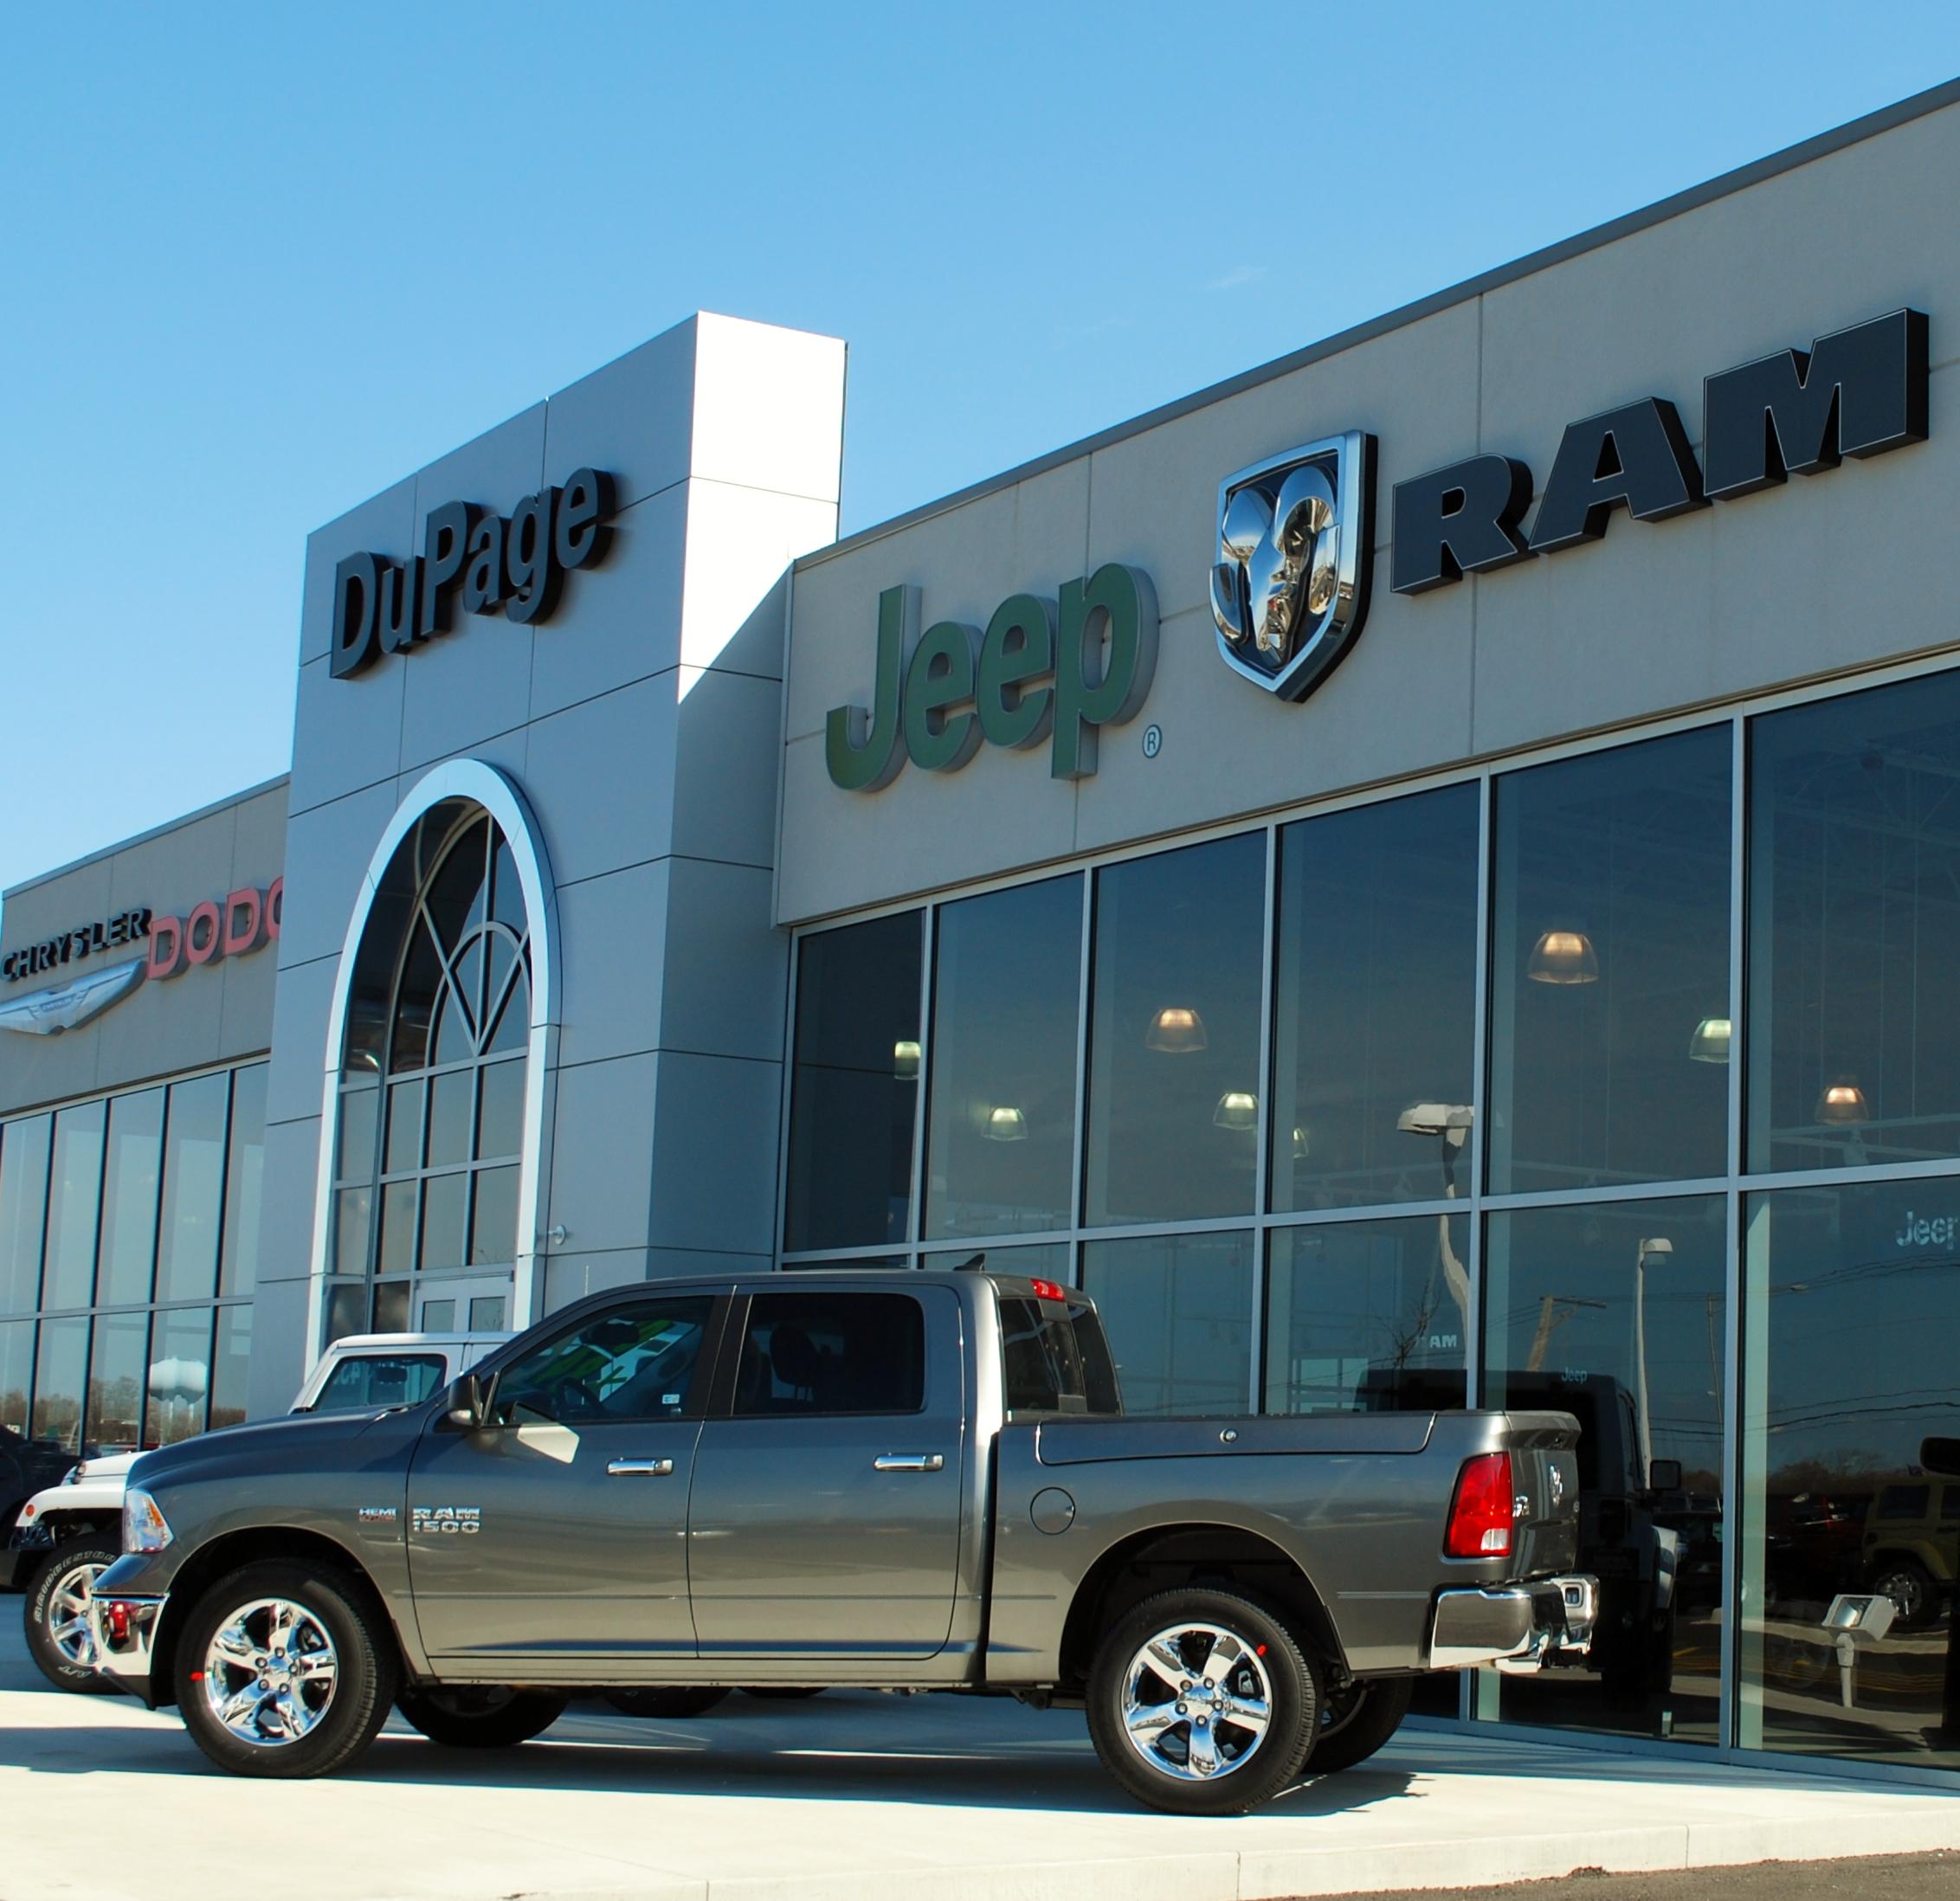 Dupage Dodge Chrysler Jeep